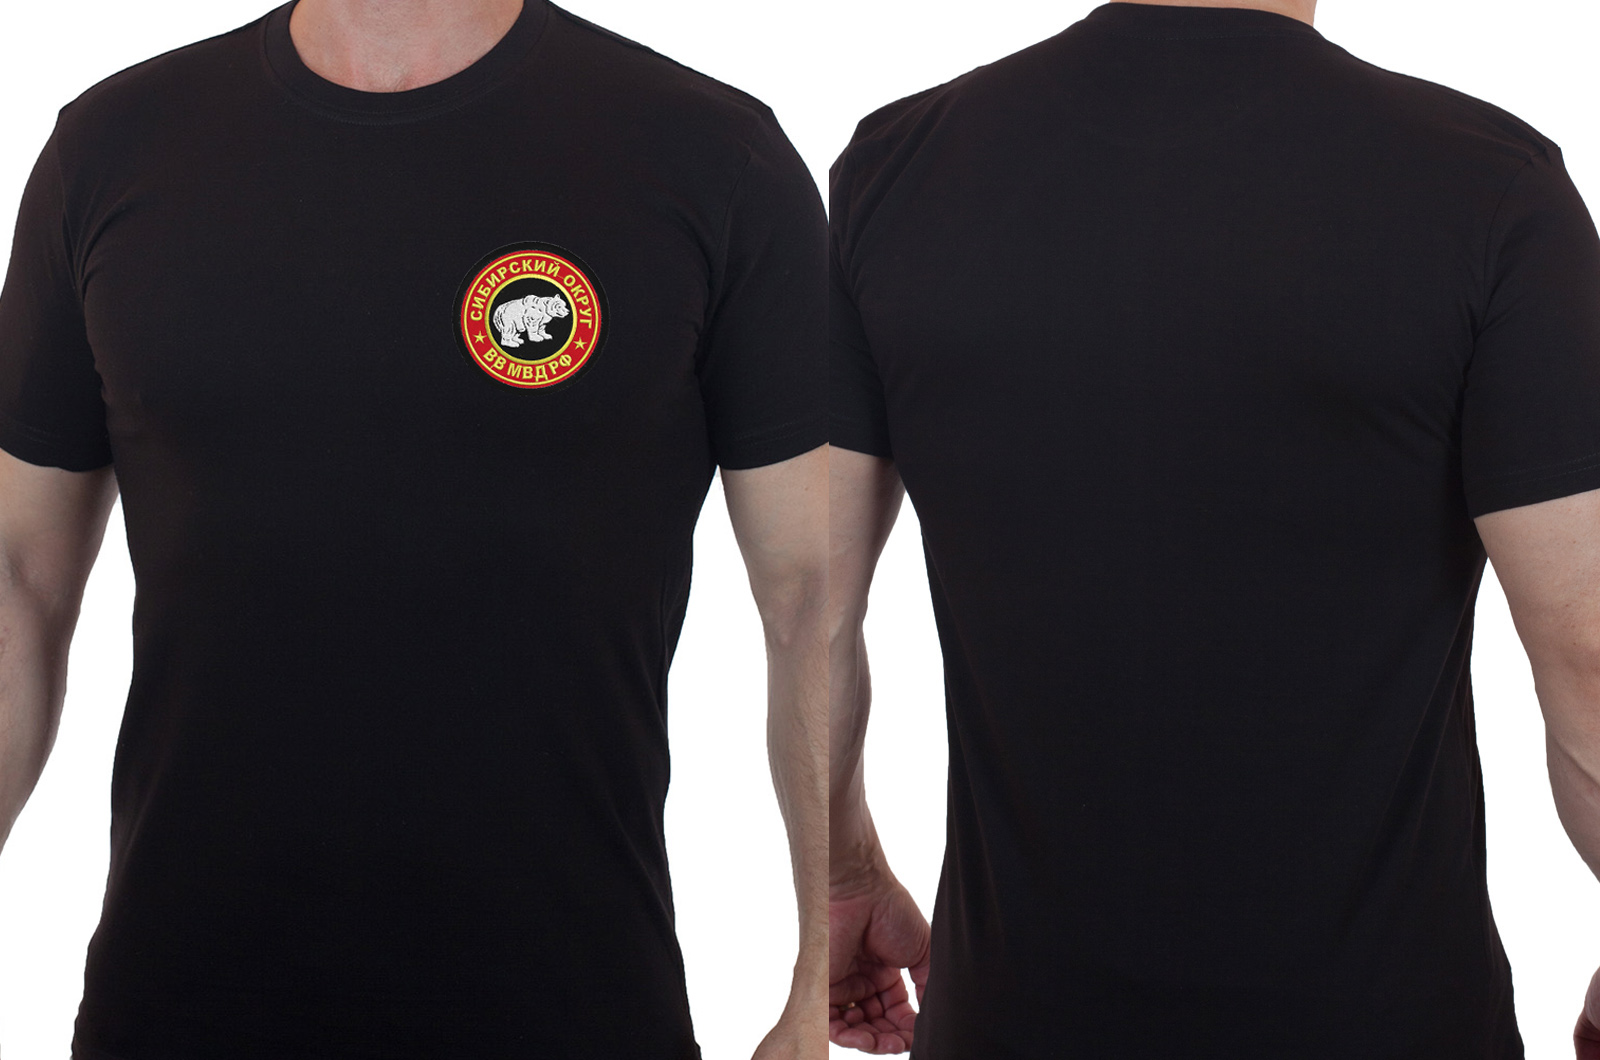 Строгая хлопковая футболка с вышитым шевроном Сибирский Округ ВВ МВД - купить с доставкой